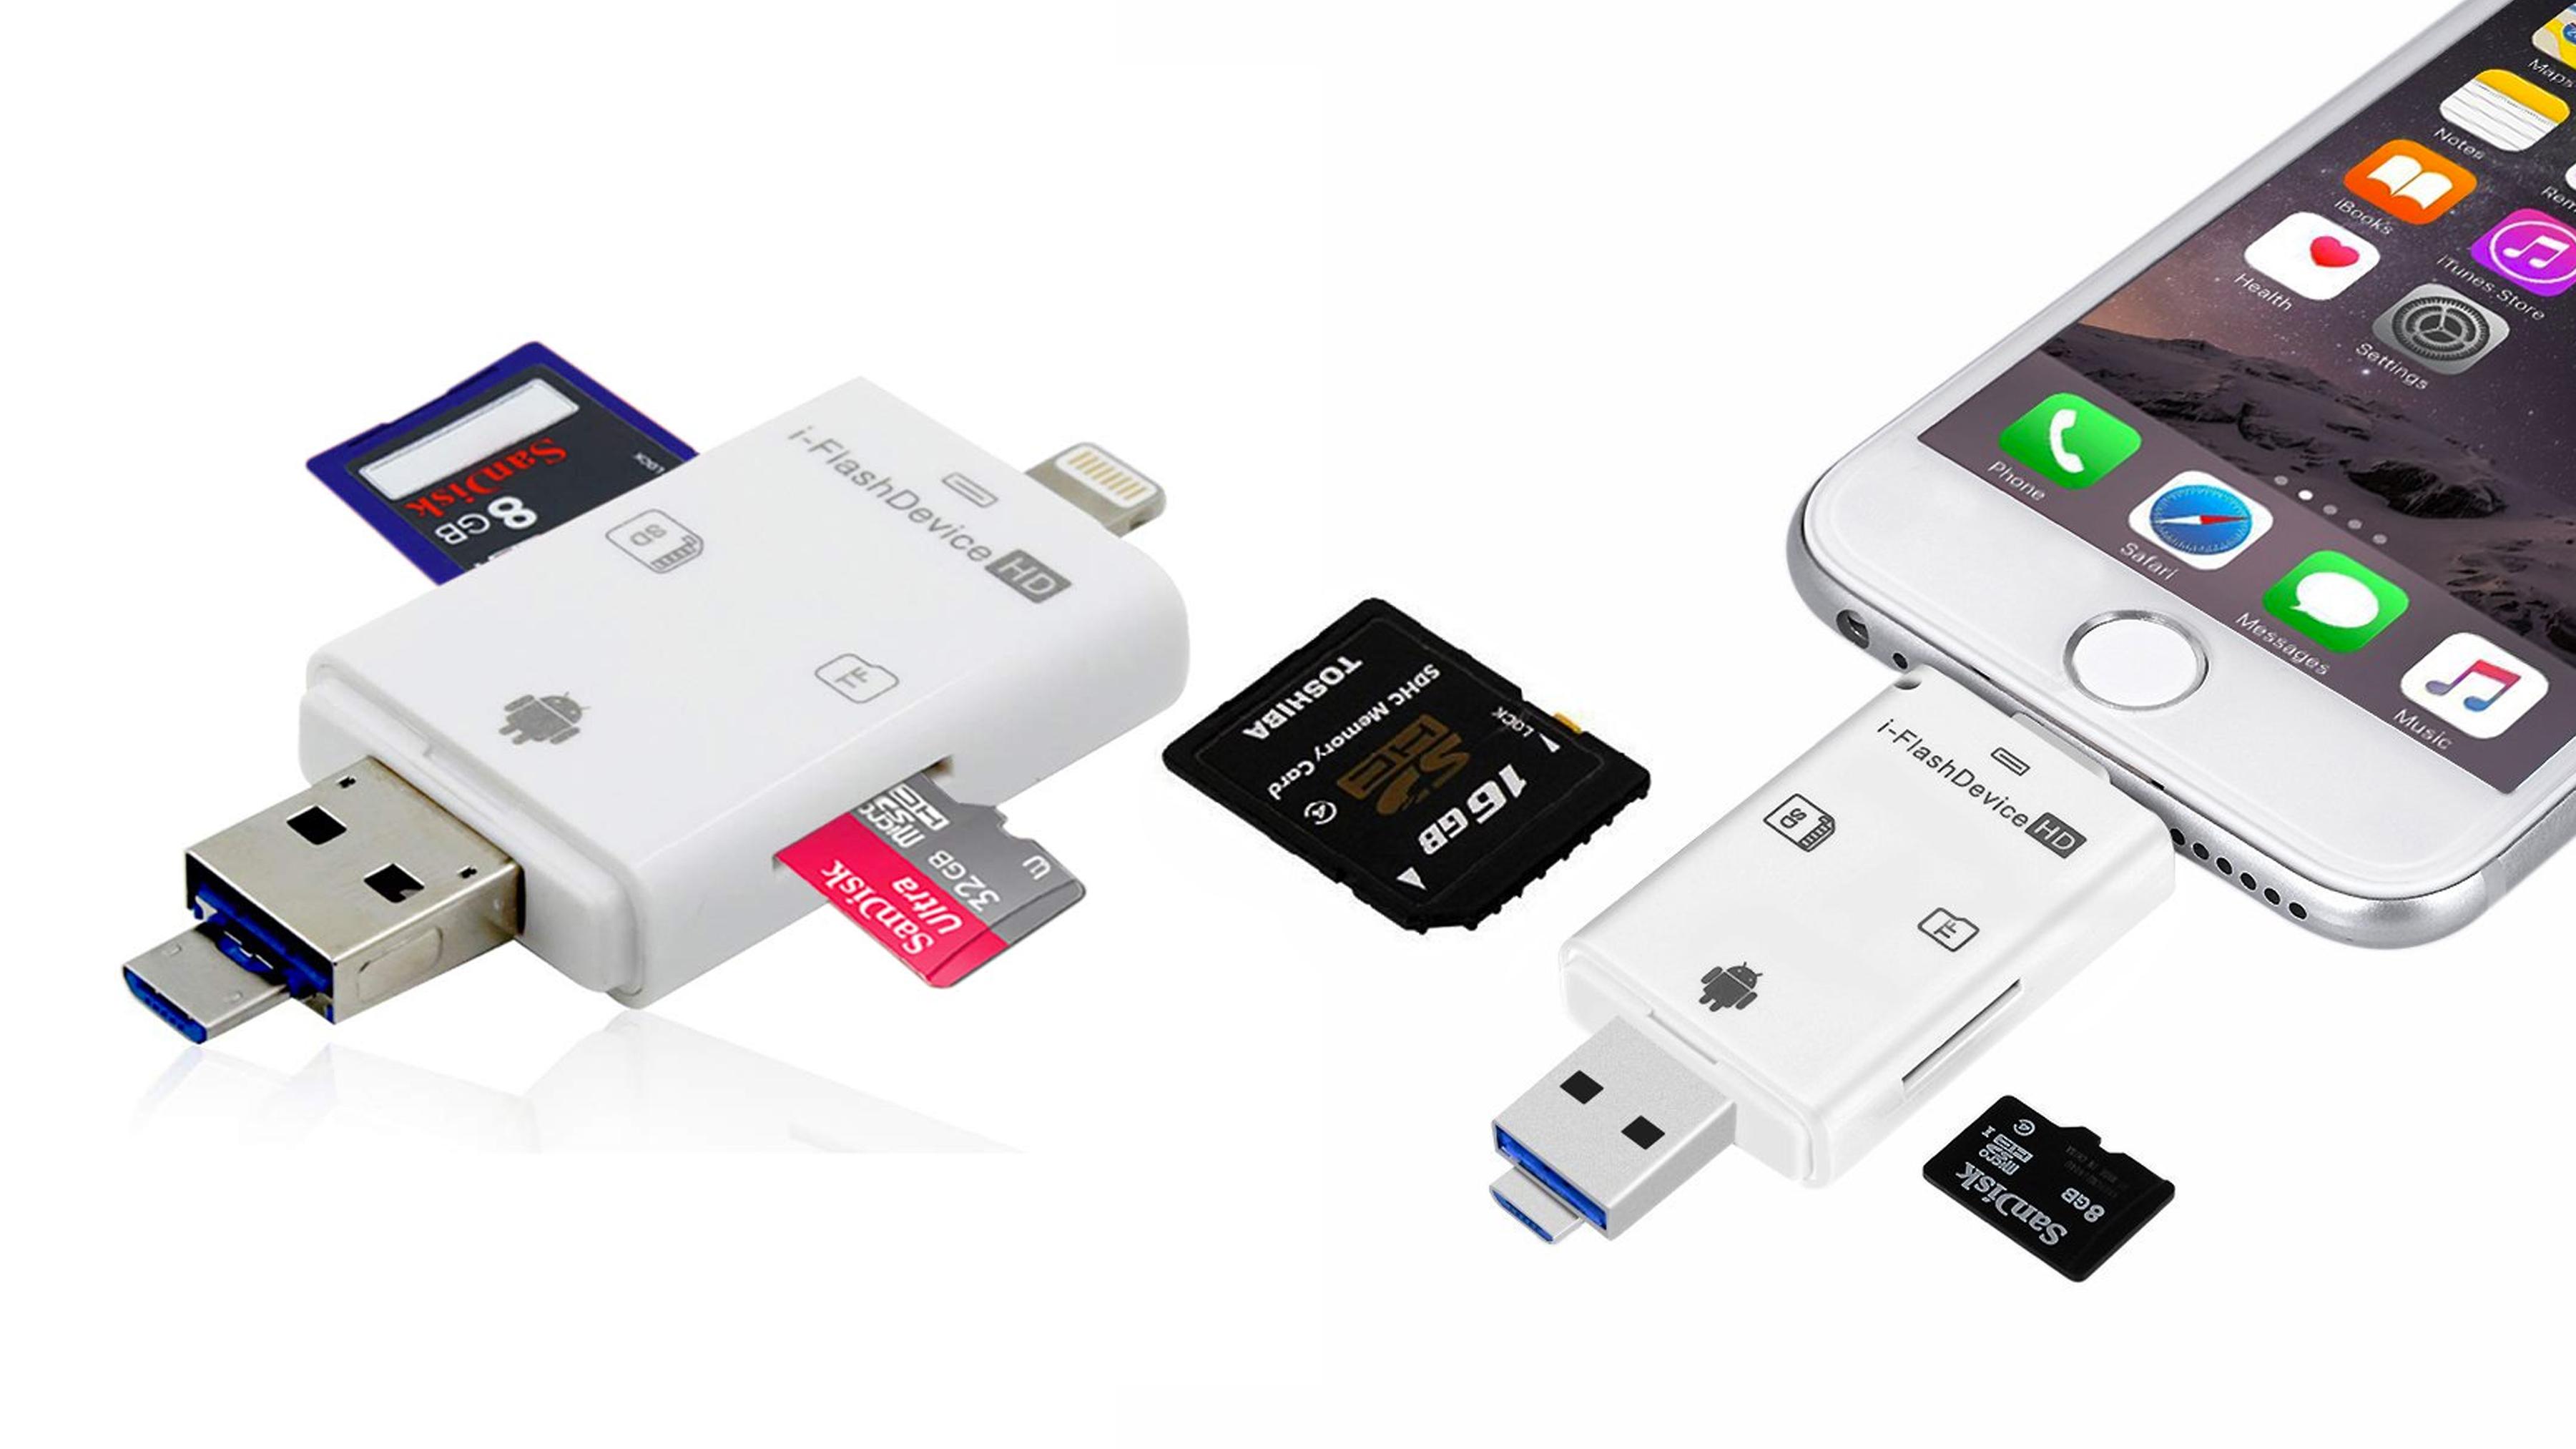 Adaptador con lector para tarjetas externas Okapia - Accesorios para tus Fotografías con Celular